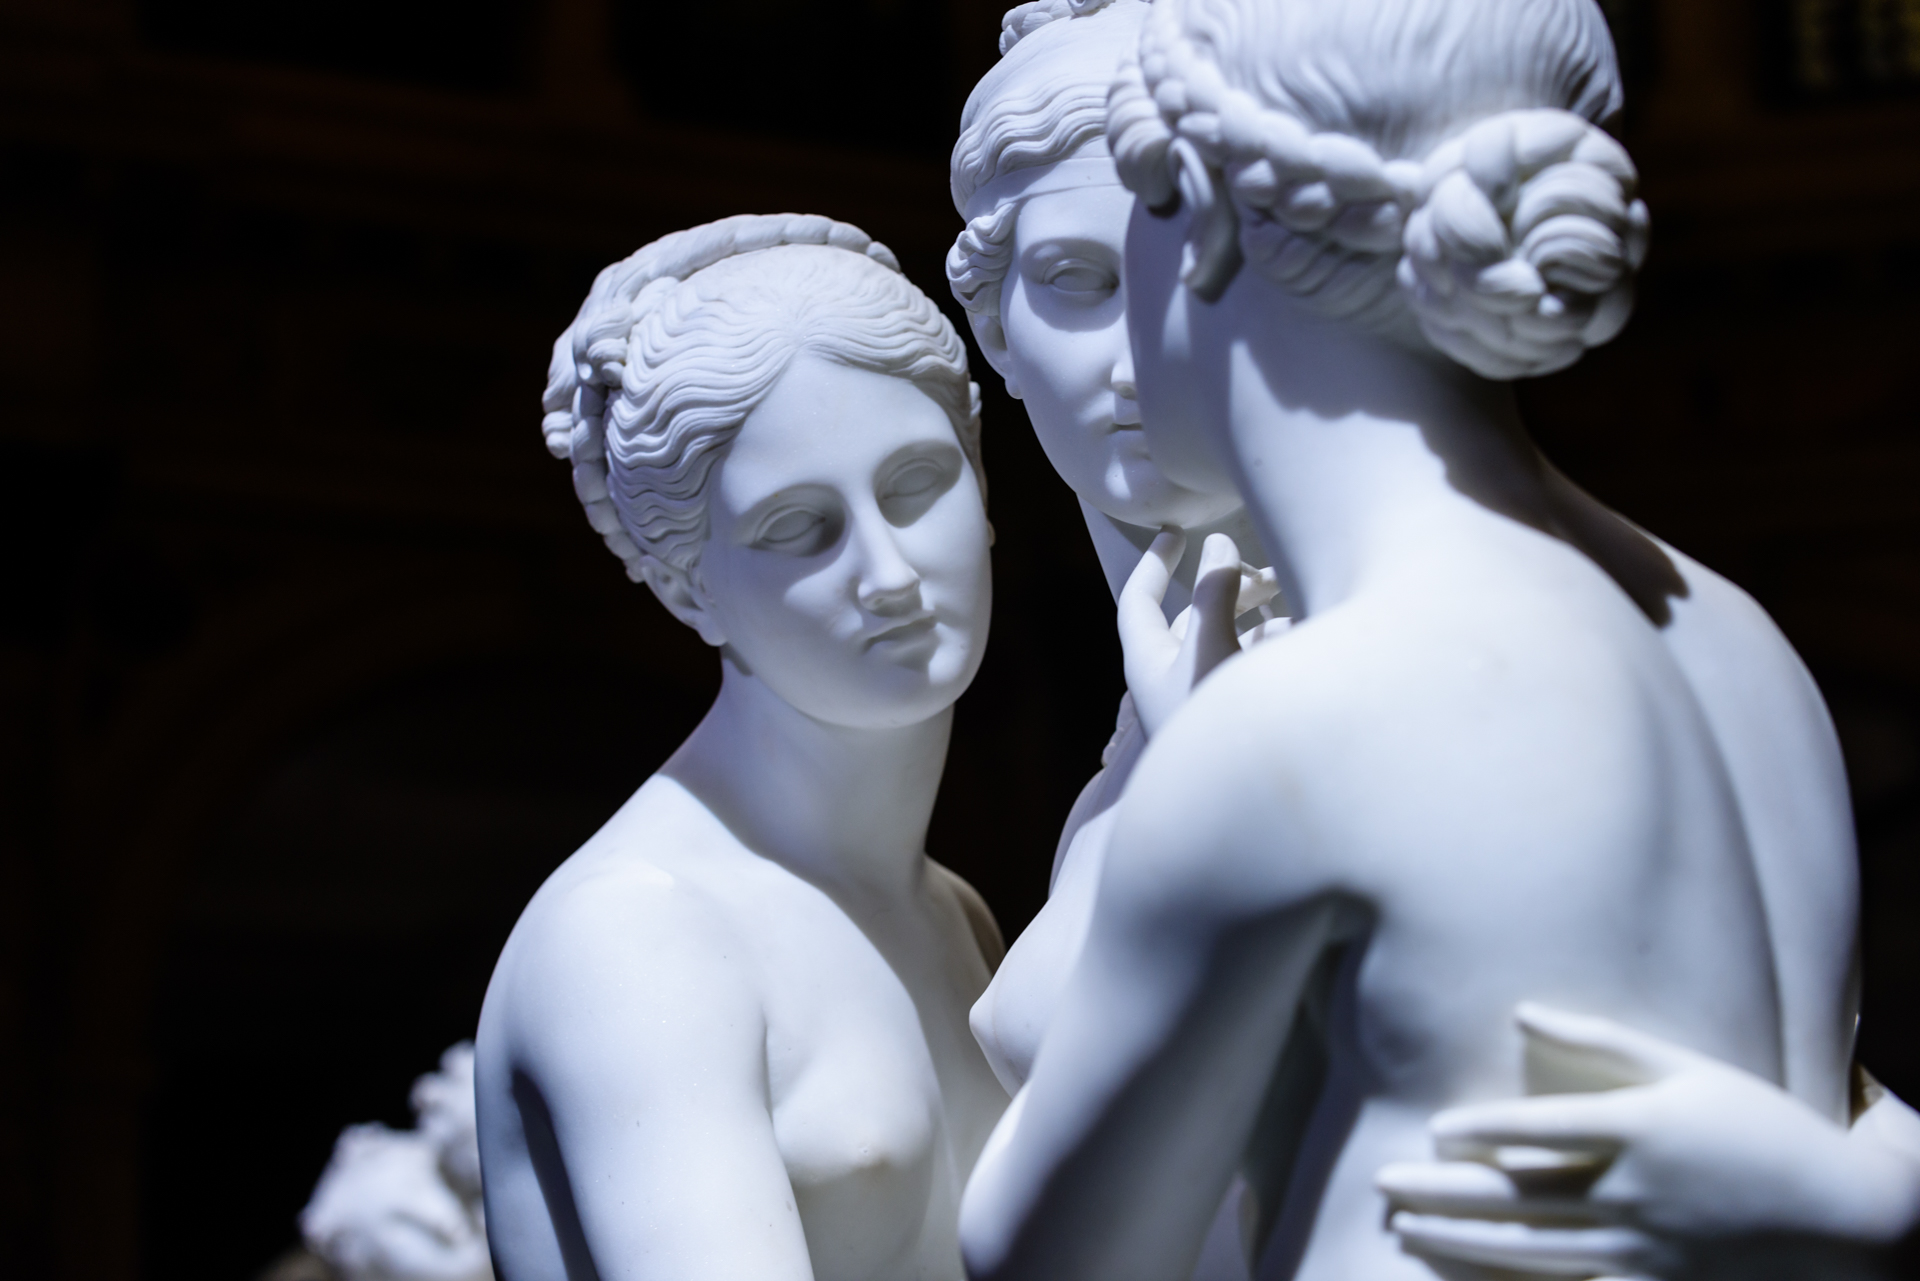 L'eterna bellezza della scultura di Canova e Thorvaldsen immortalata in immagini spettacolari